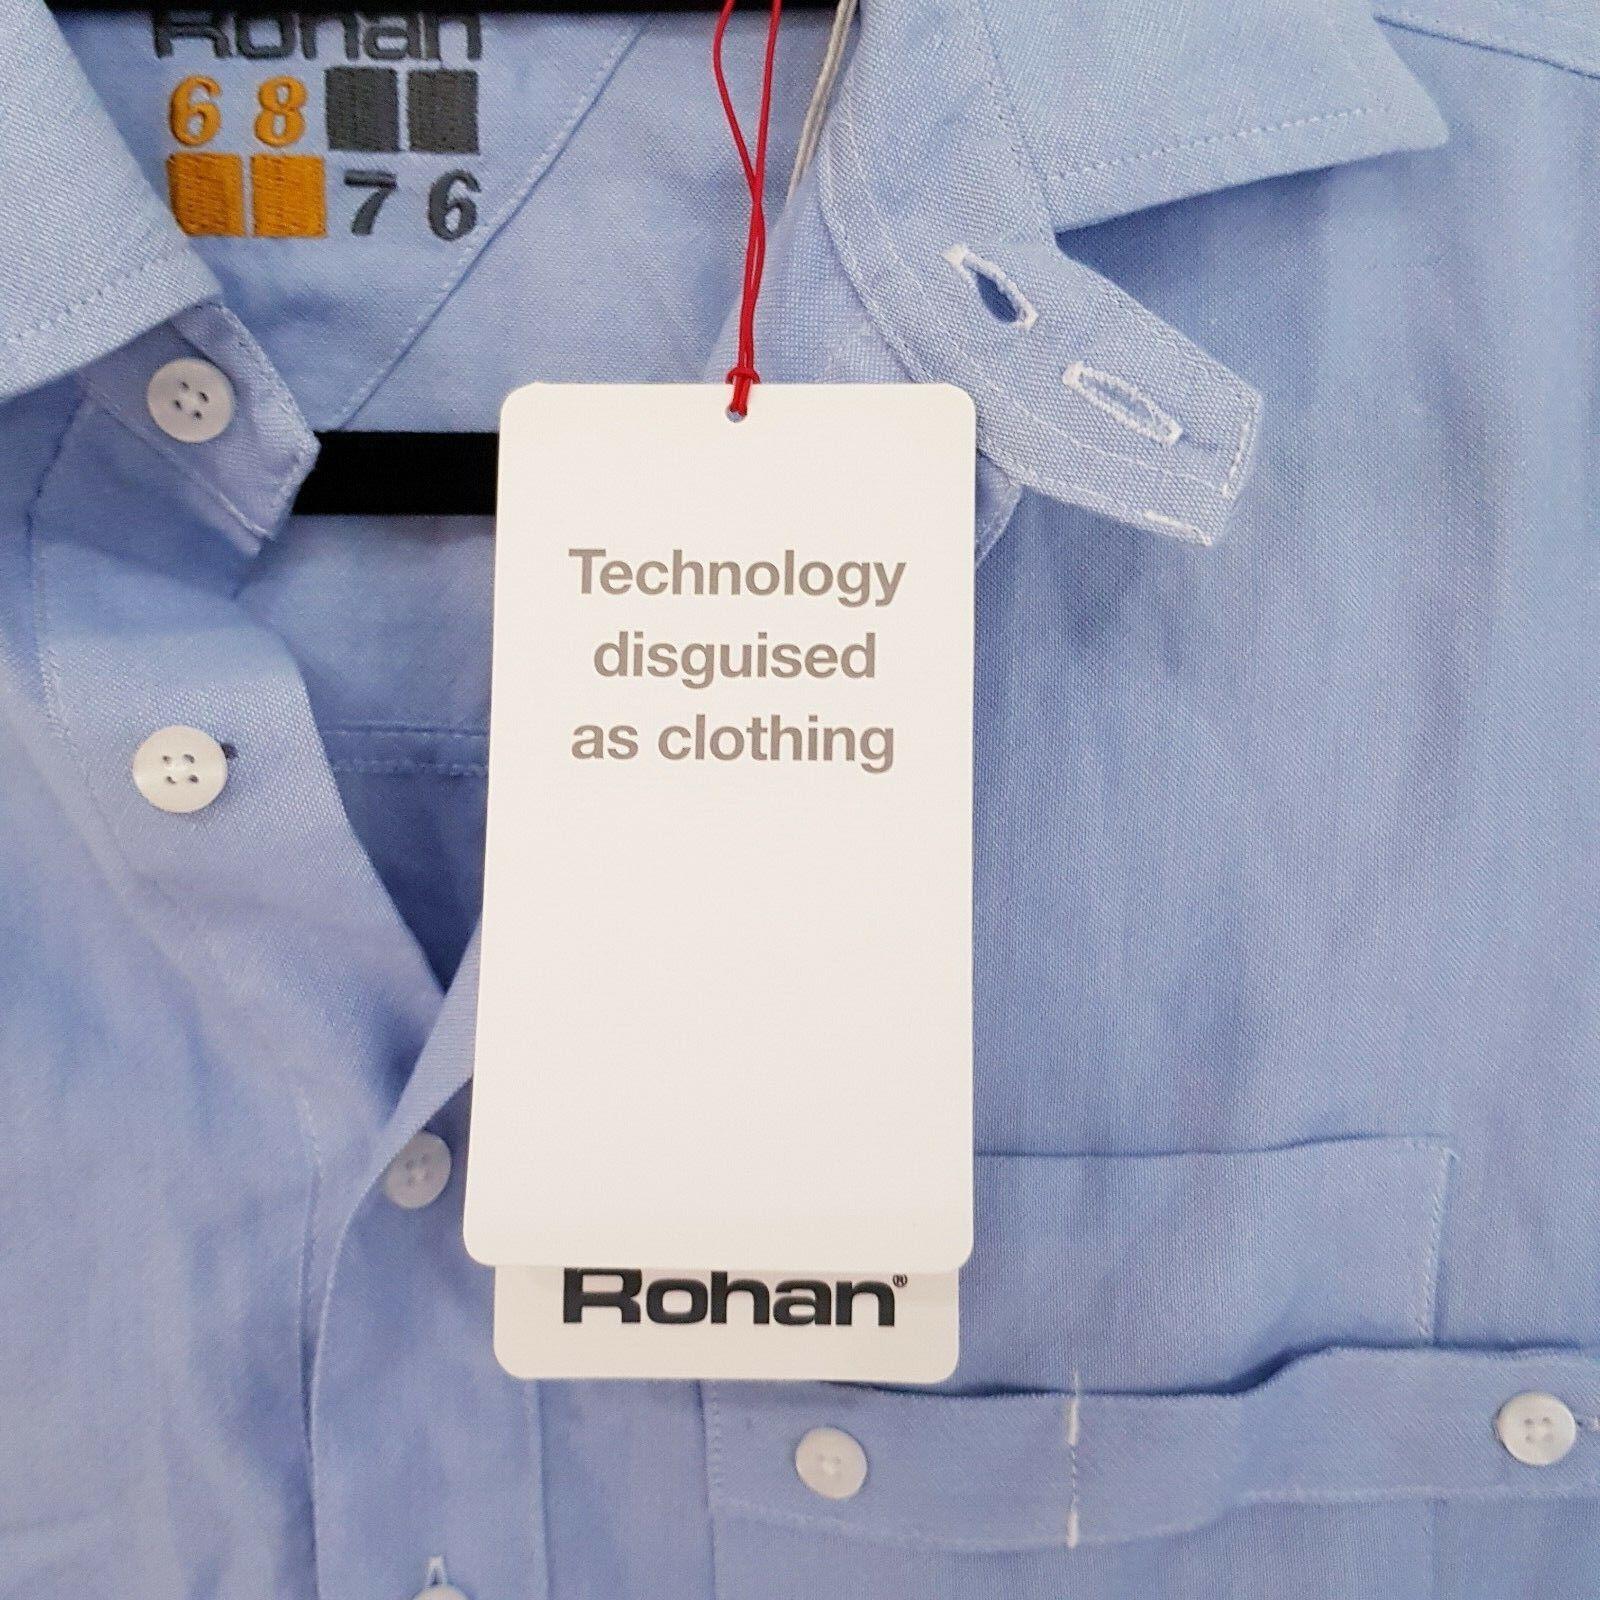 Rohan 68 76 da uomo uomo uomo borve Camicia a Maniche Lunghe Oxford blu Taglia Small S d7bd0b